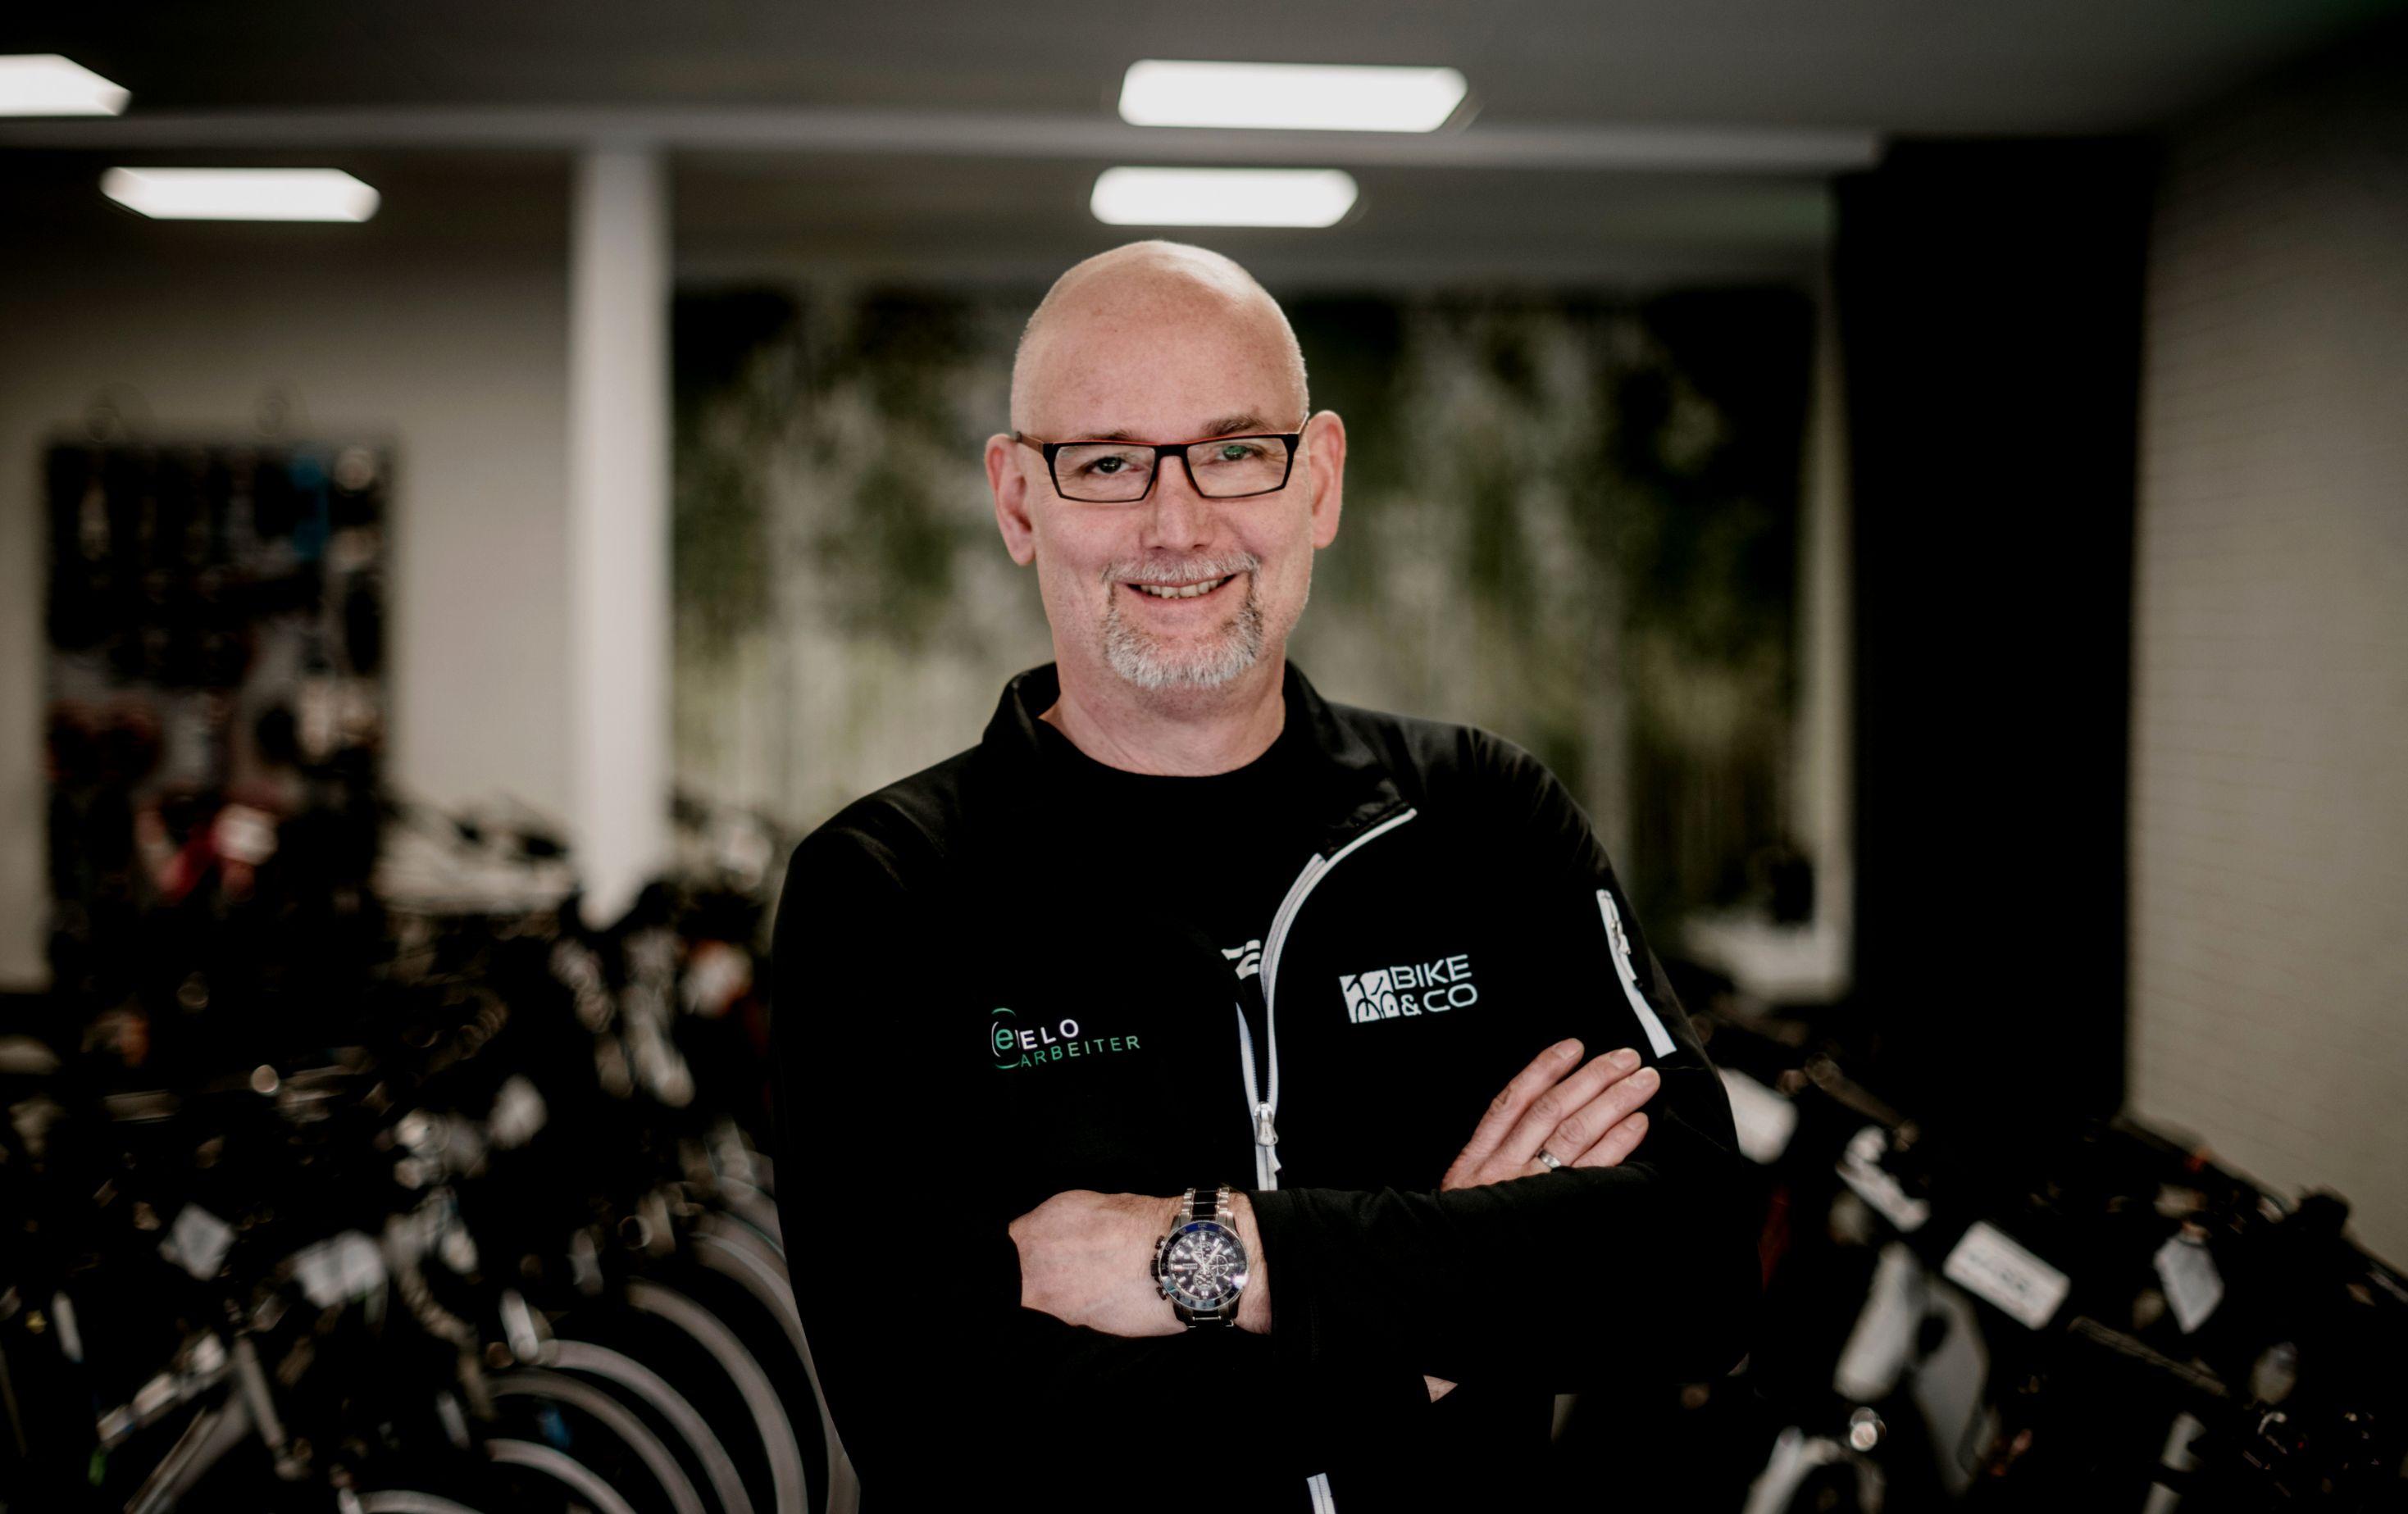 EVELO Arbeiter E-Bike & Fahrrad Mobilität